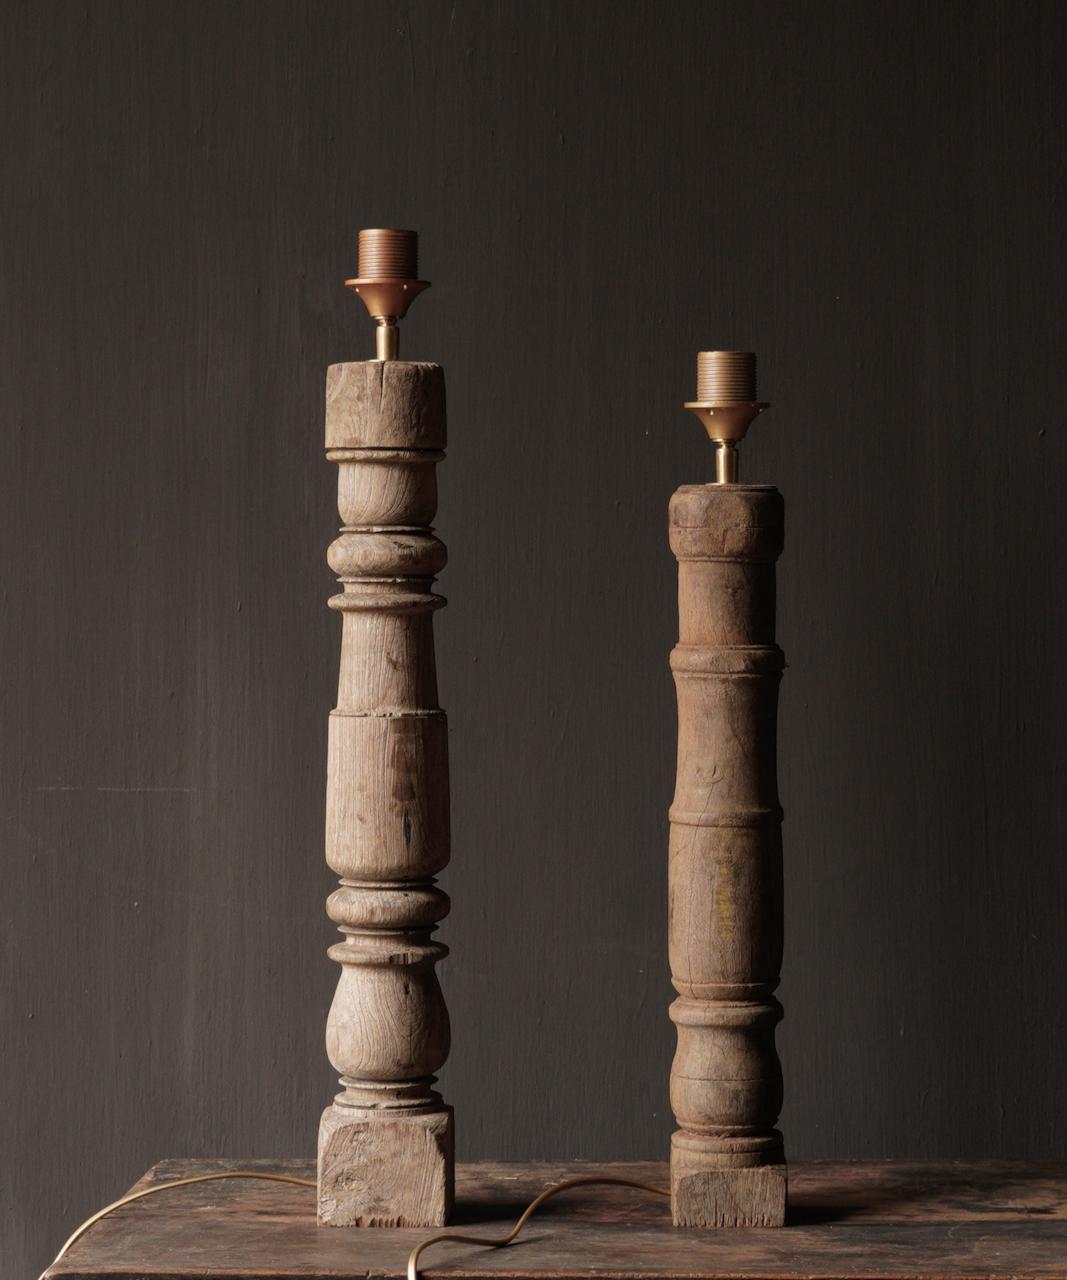 Prachtig Oude Houten Baluster lamp voet-3